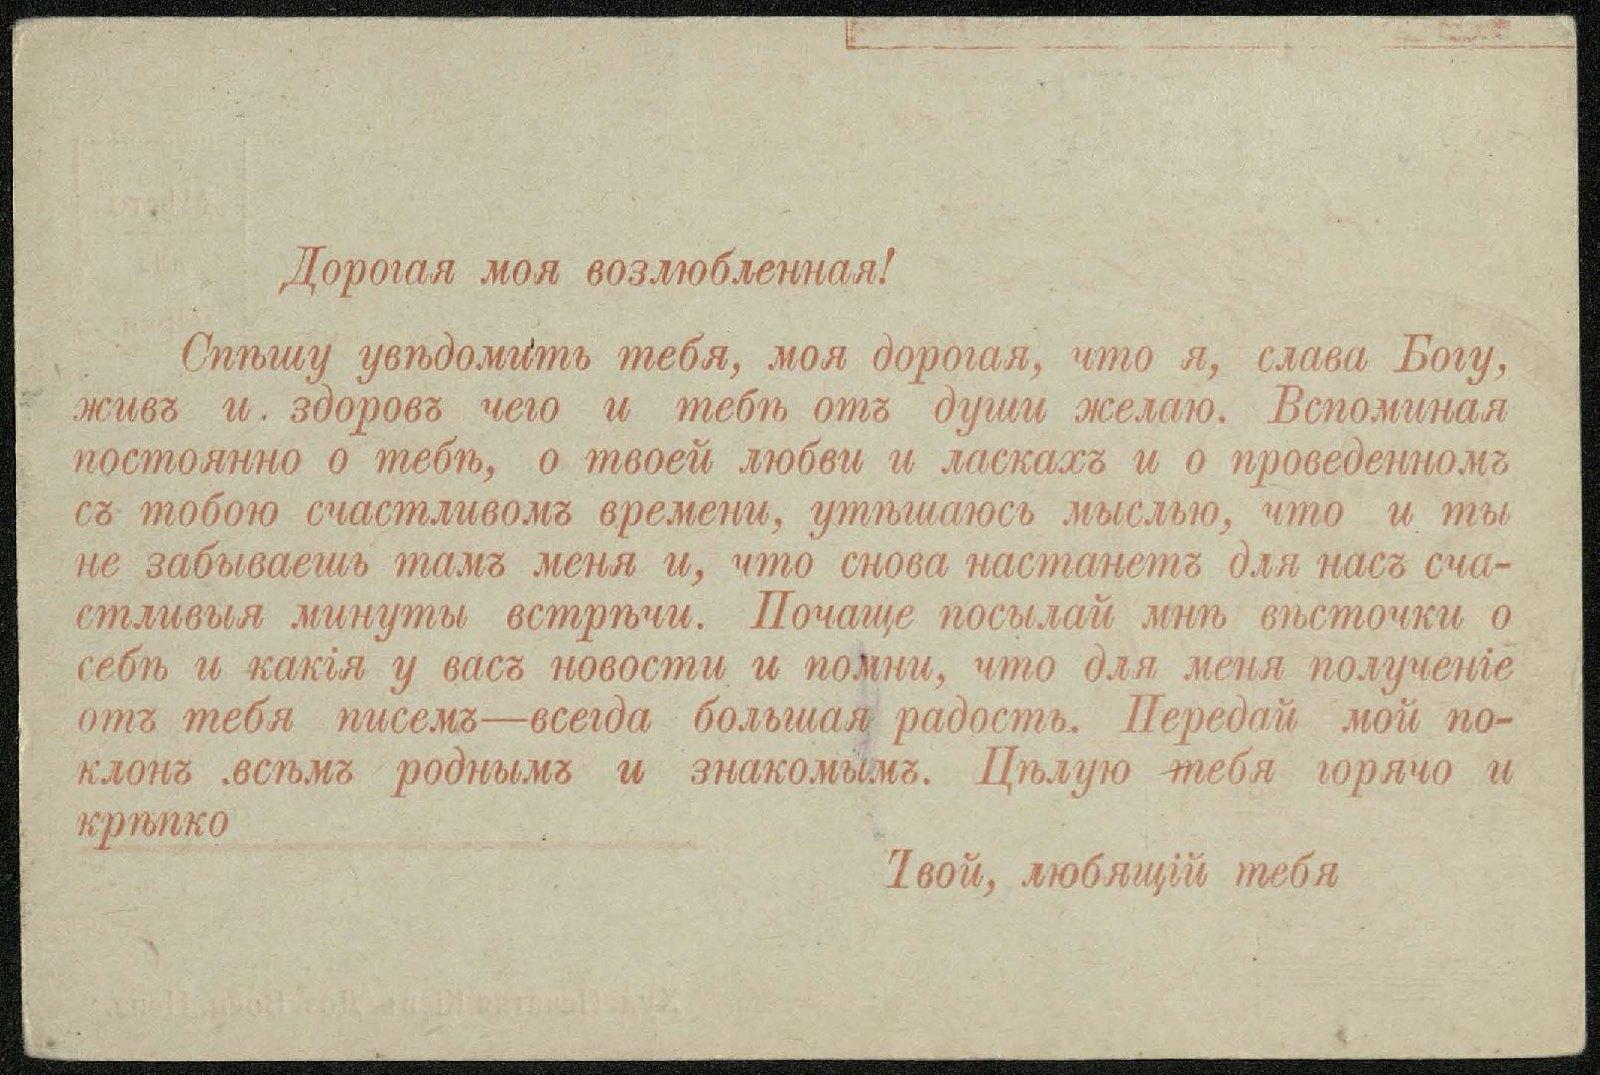 Открытое письмо из действующей армии с ответом (1)